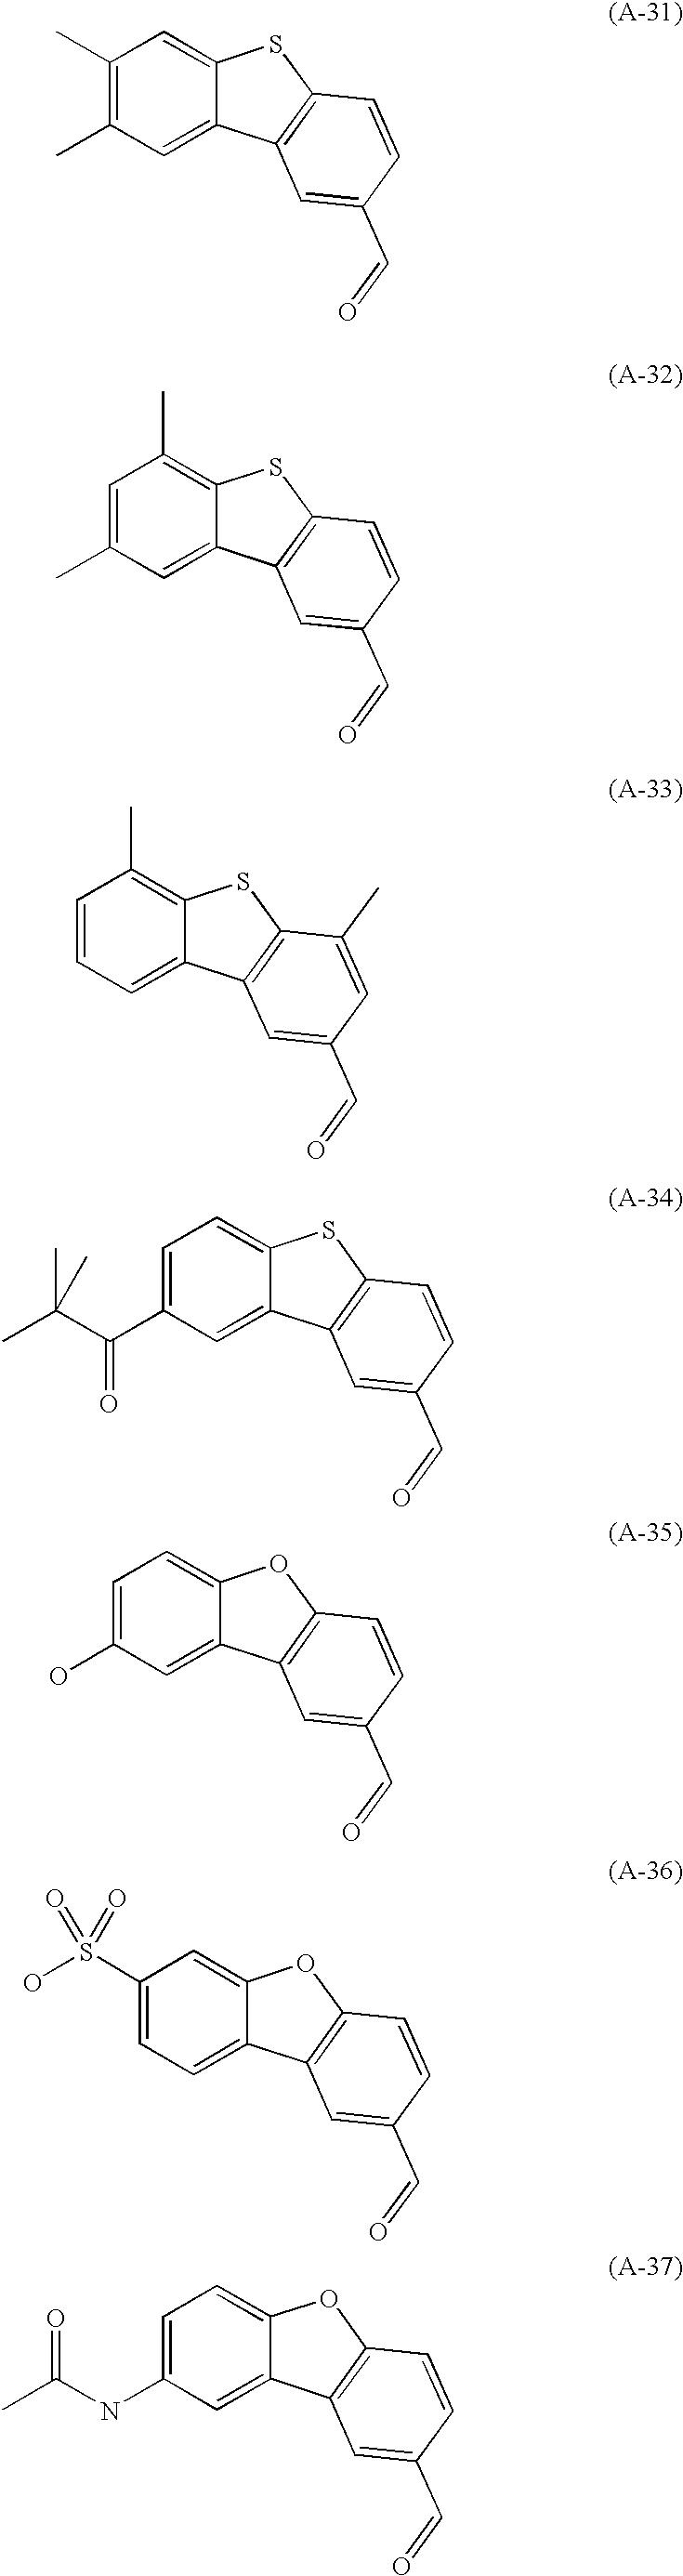 Figure US20030203901A1-20031030-C00022